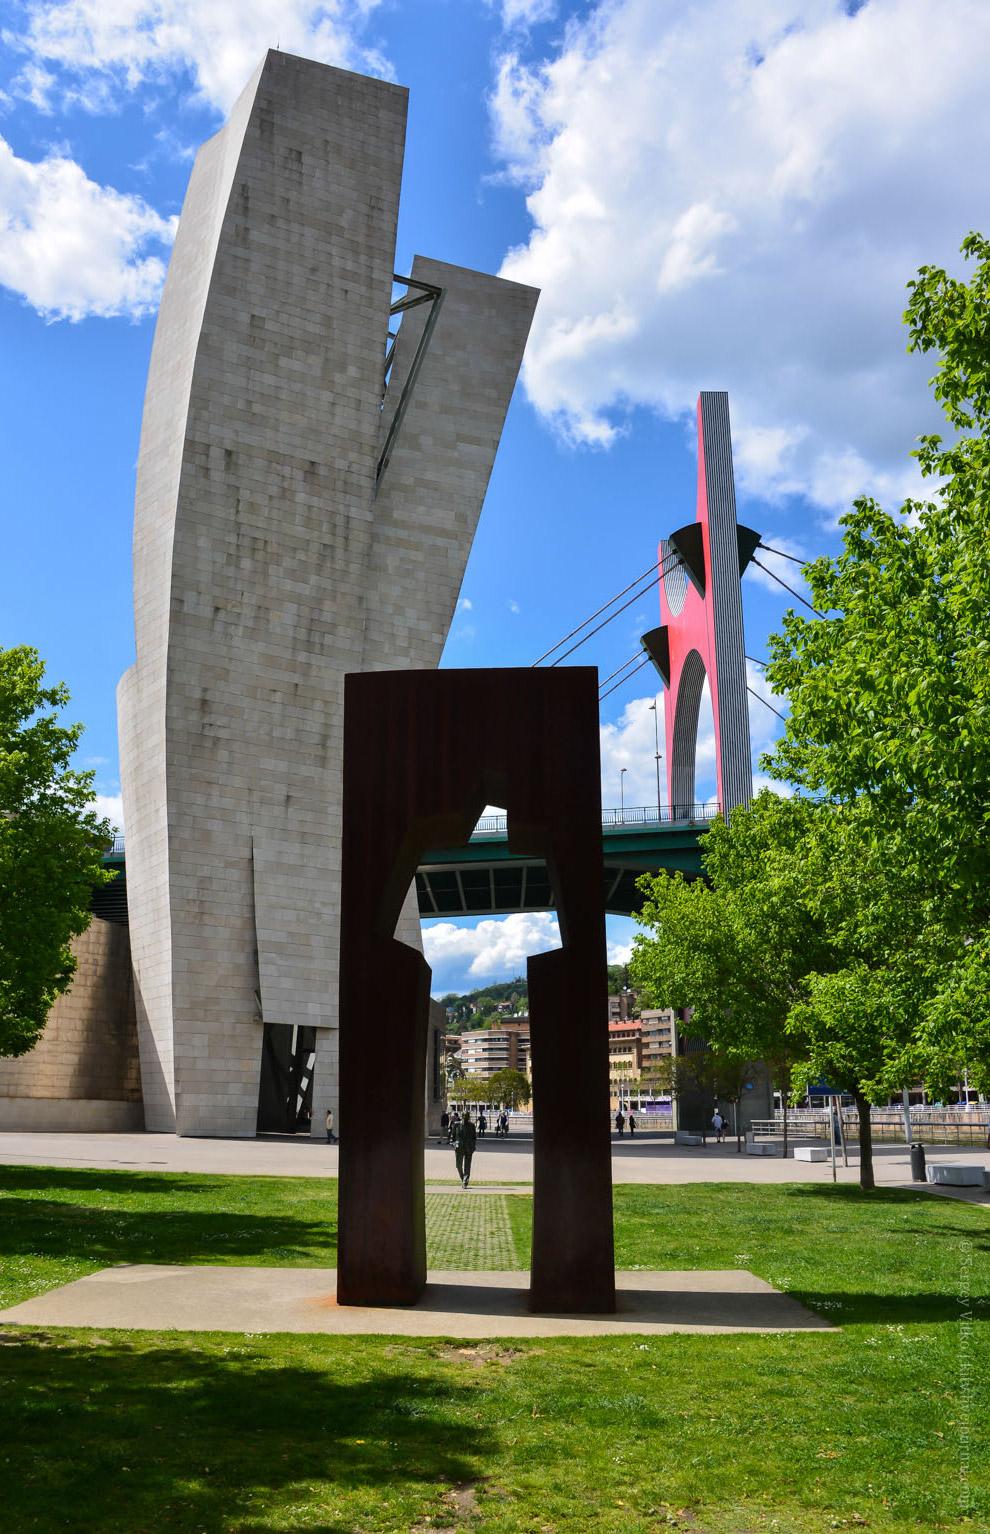 Под мостом туда-сюда разгуливает — известный нам уже паук «Mama» франко-американского художника и ск